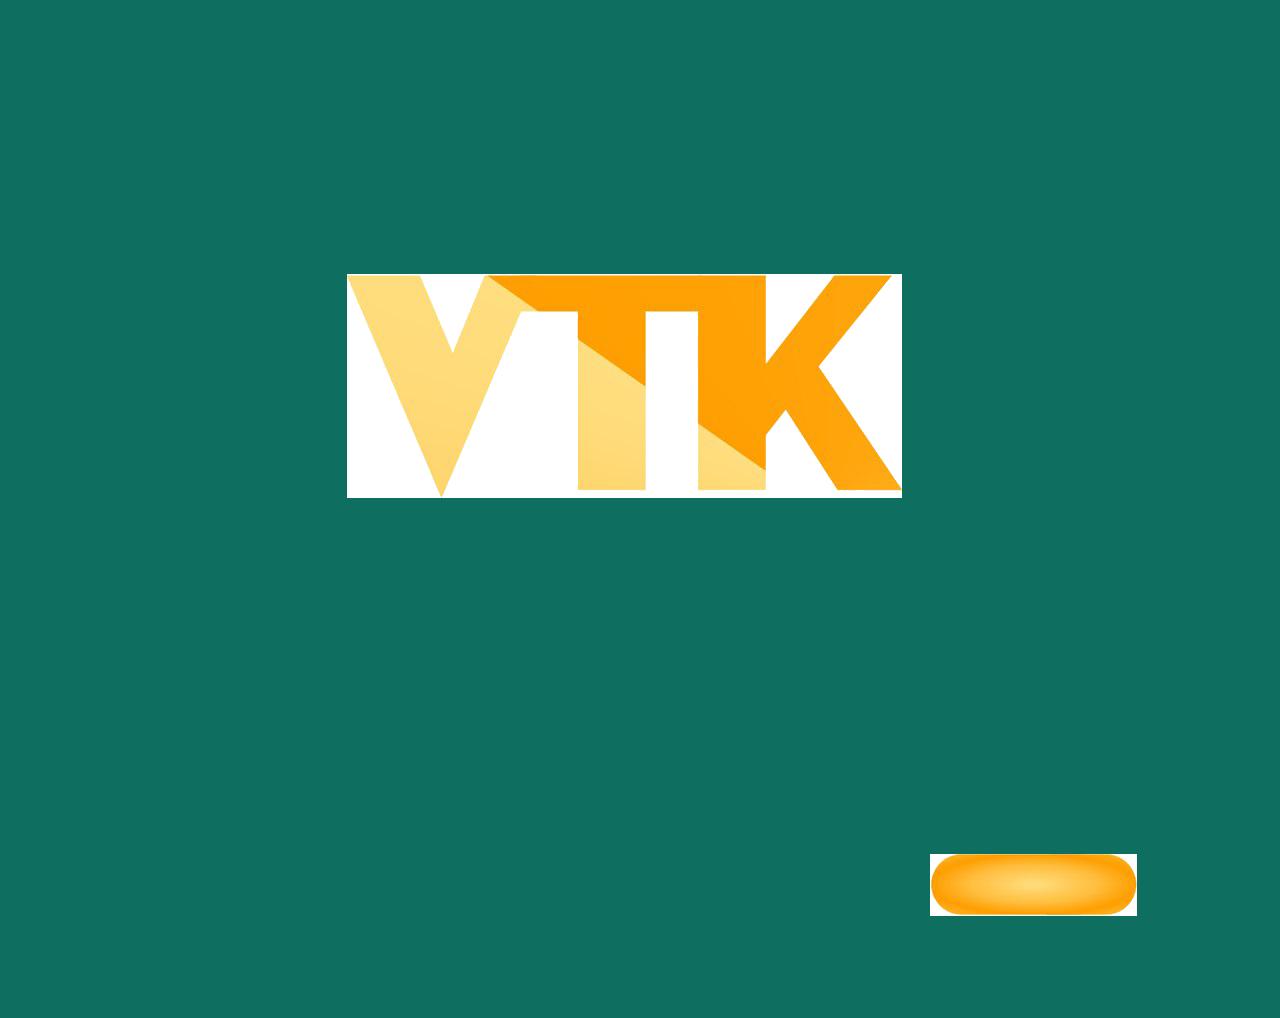 VTK-shop